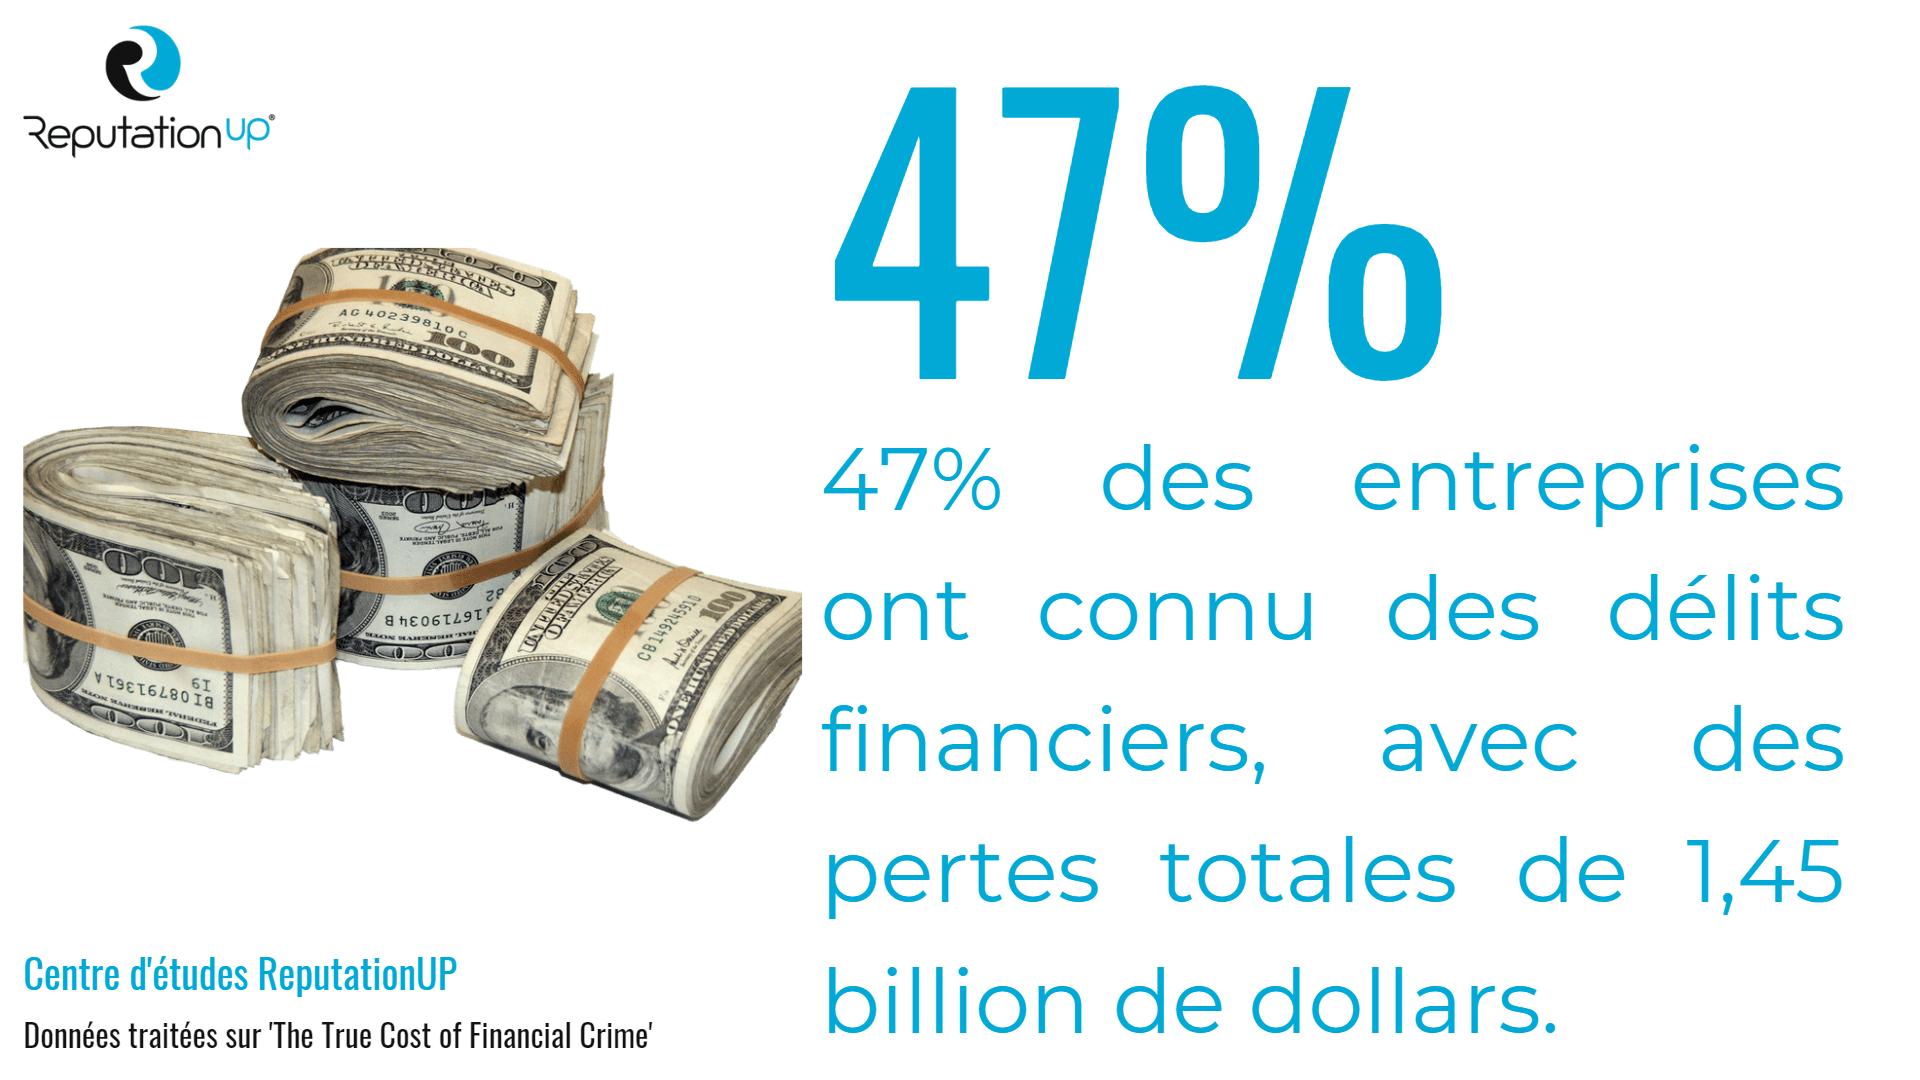 47% des entreprises ont connu des délits financiers